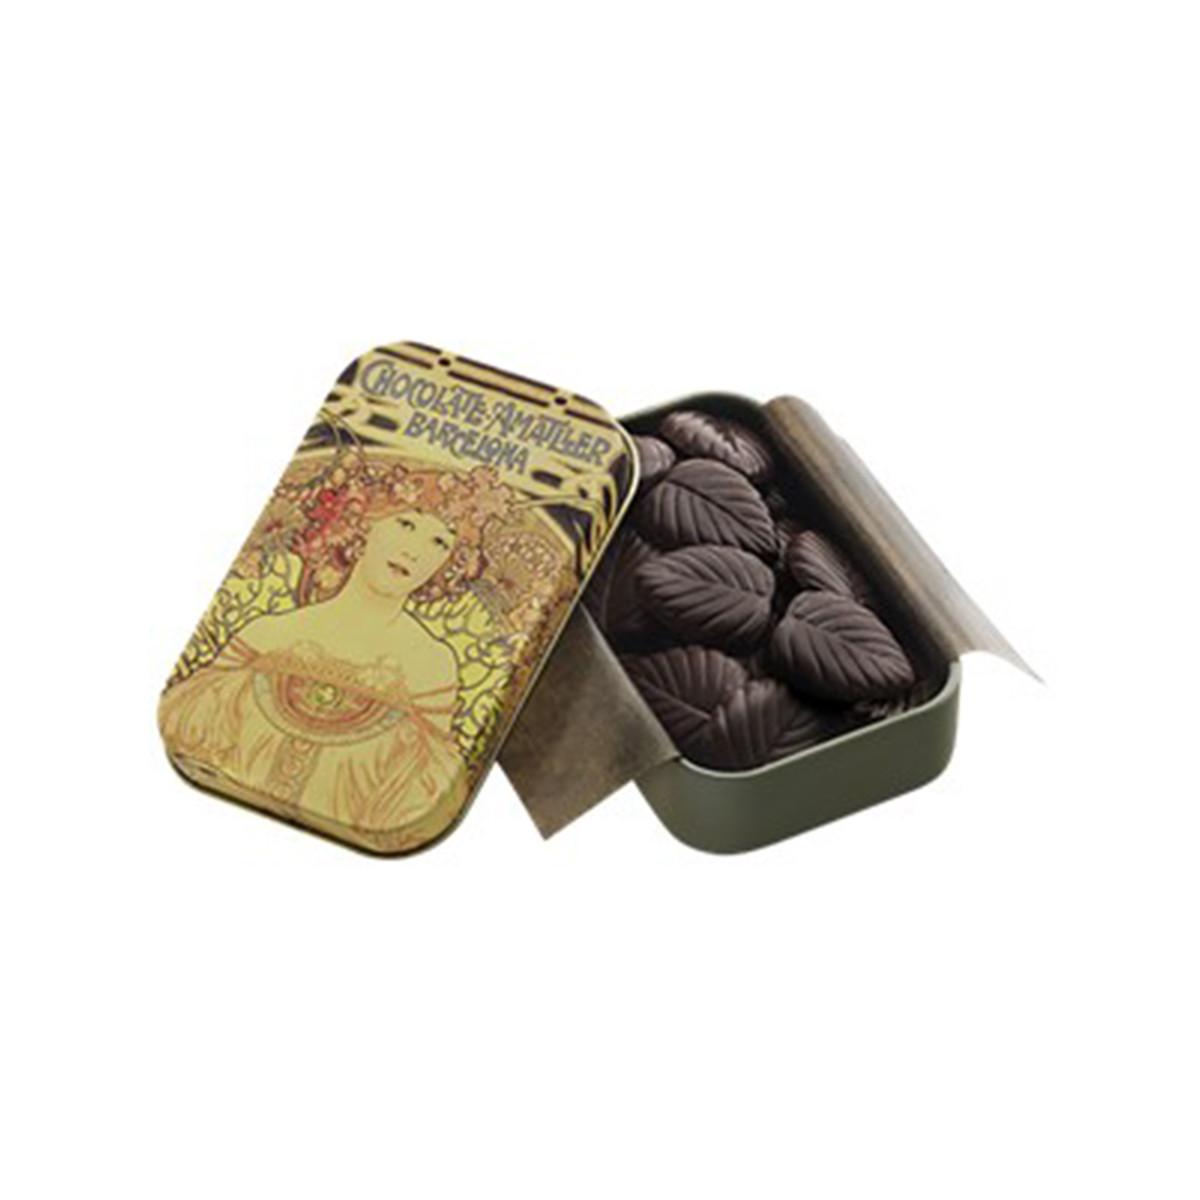 Image of   70% Mørk Chokolade i dåse - 30 gram